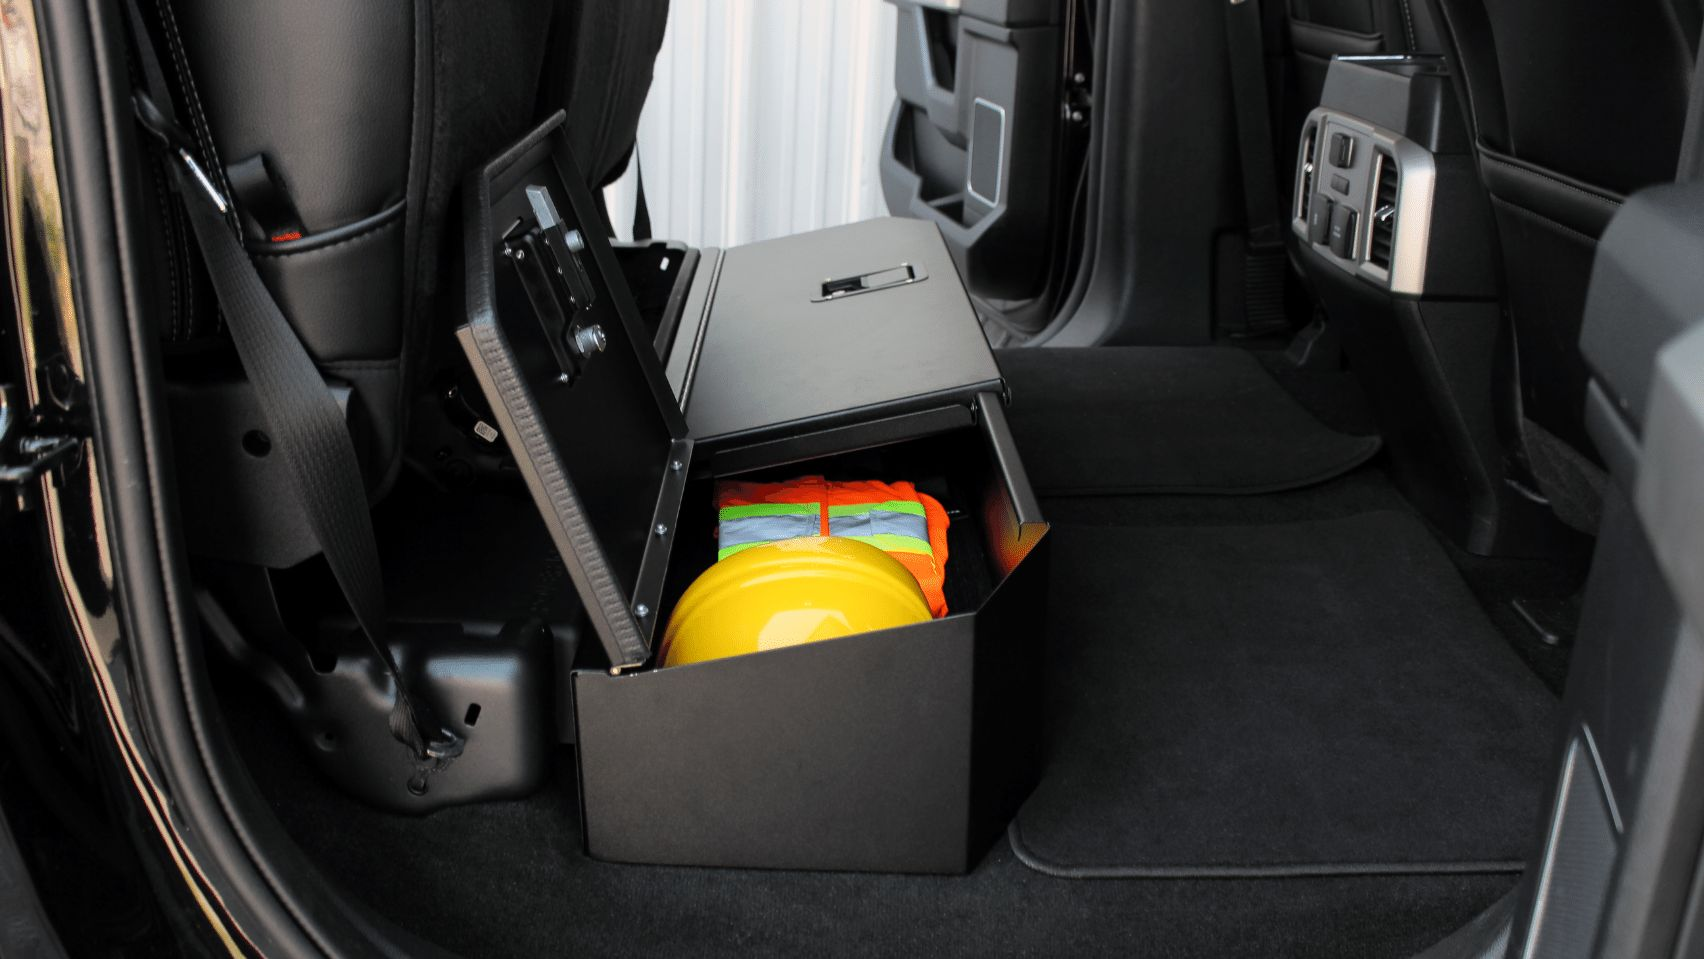 Secure Underseat Storage